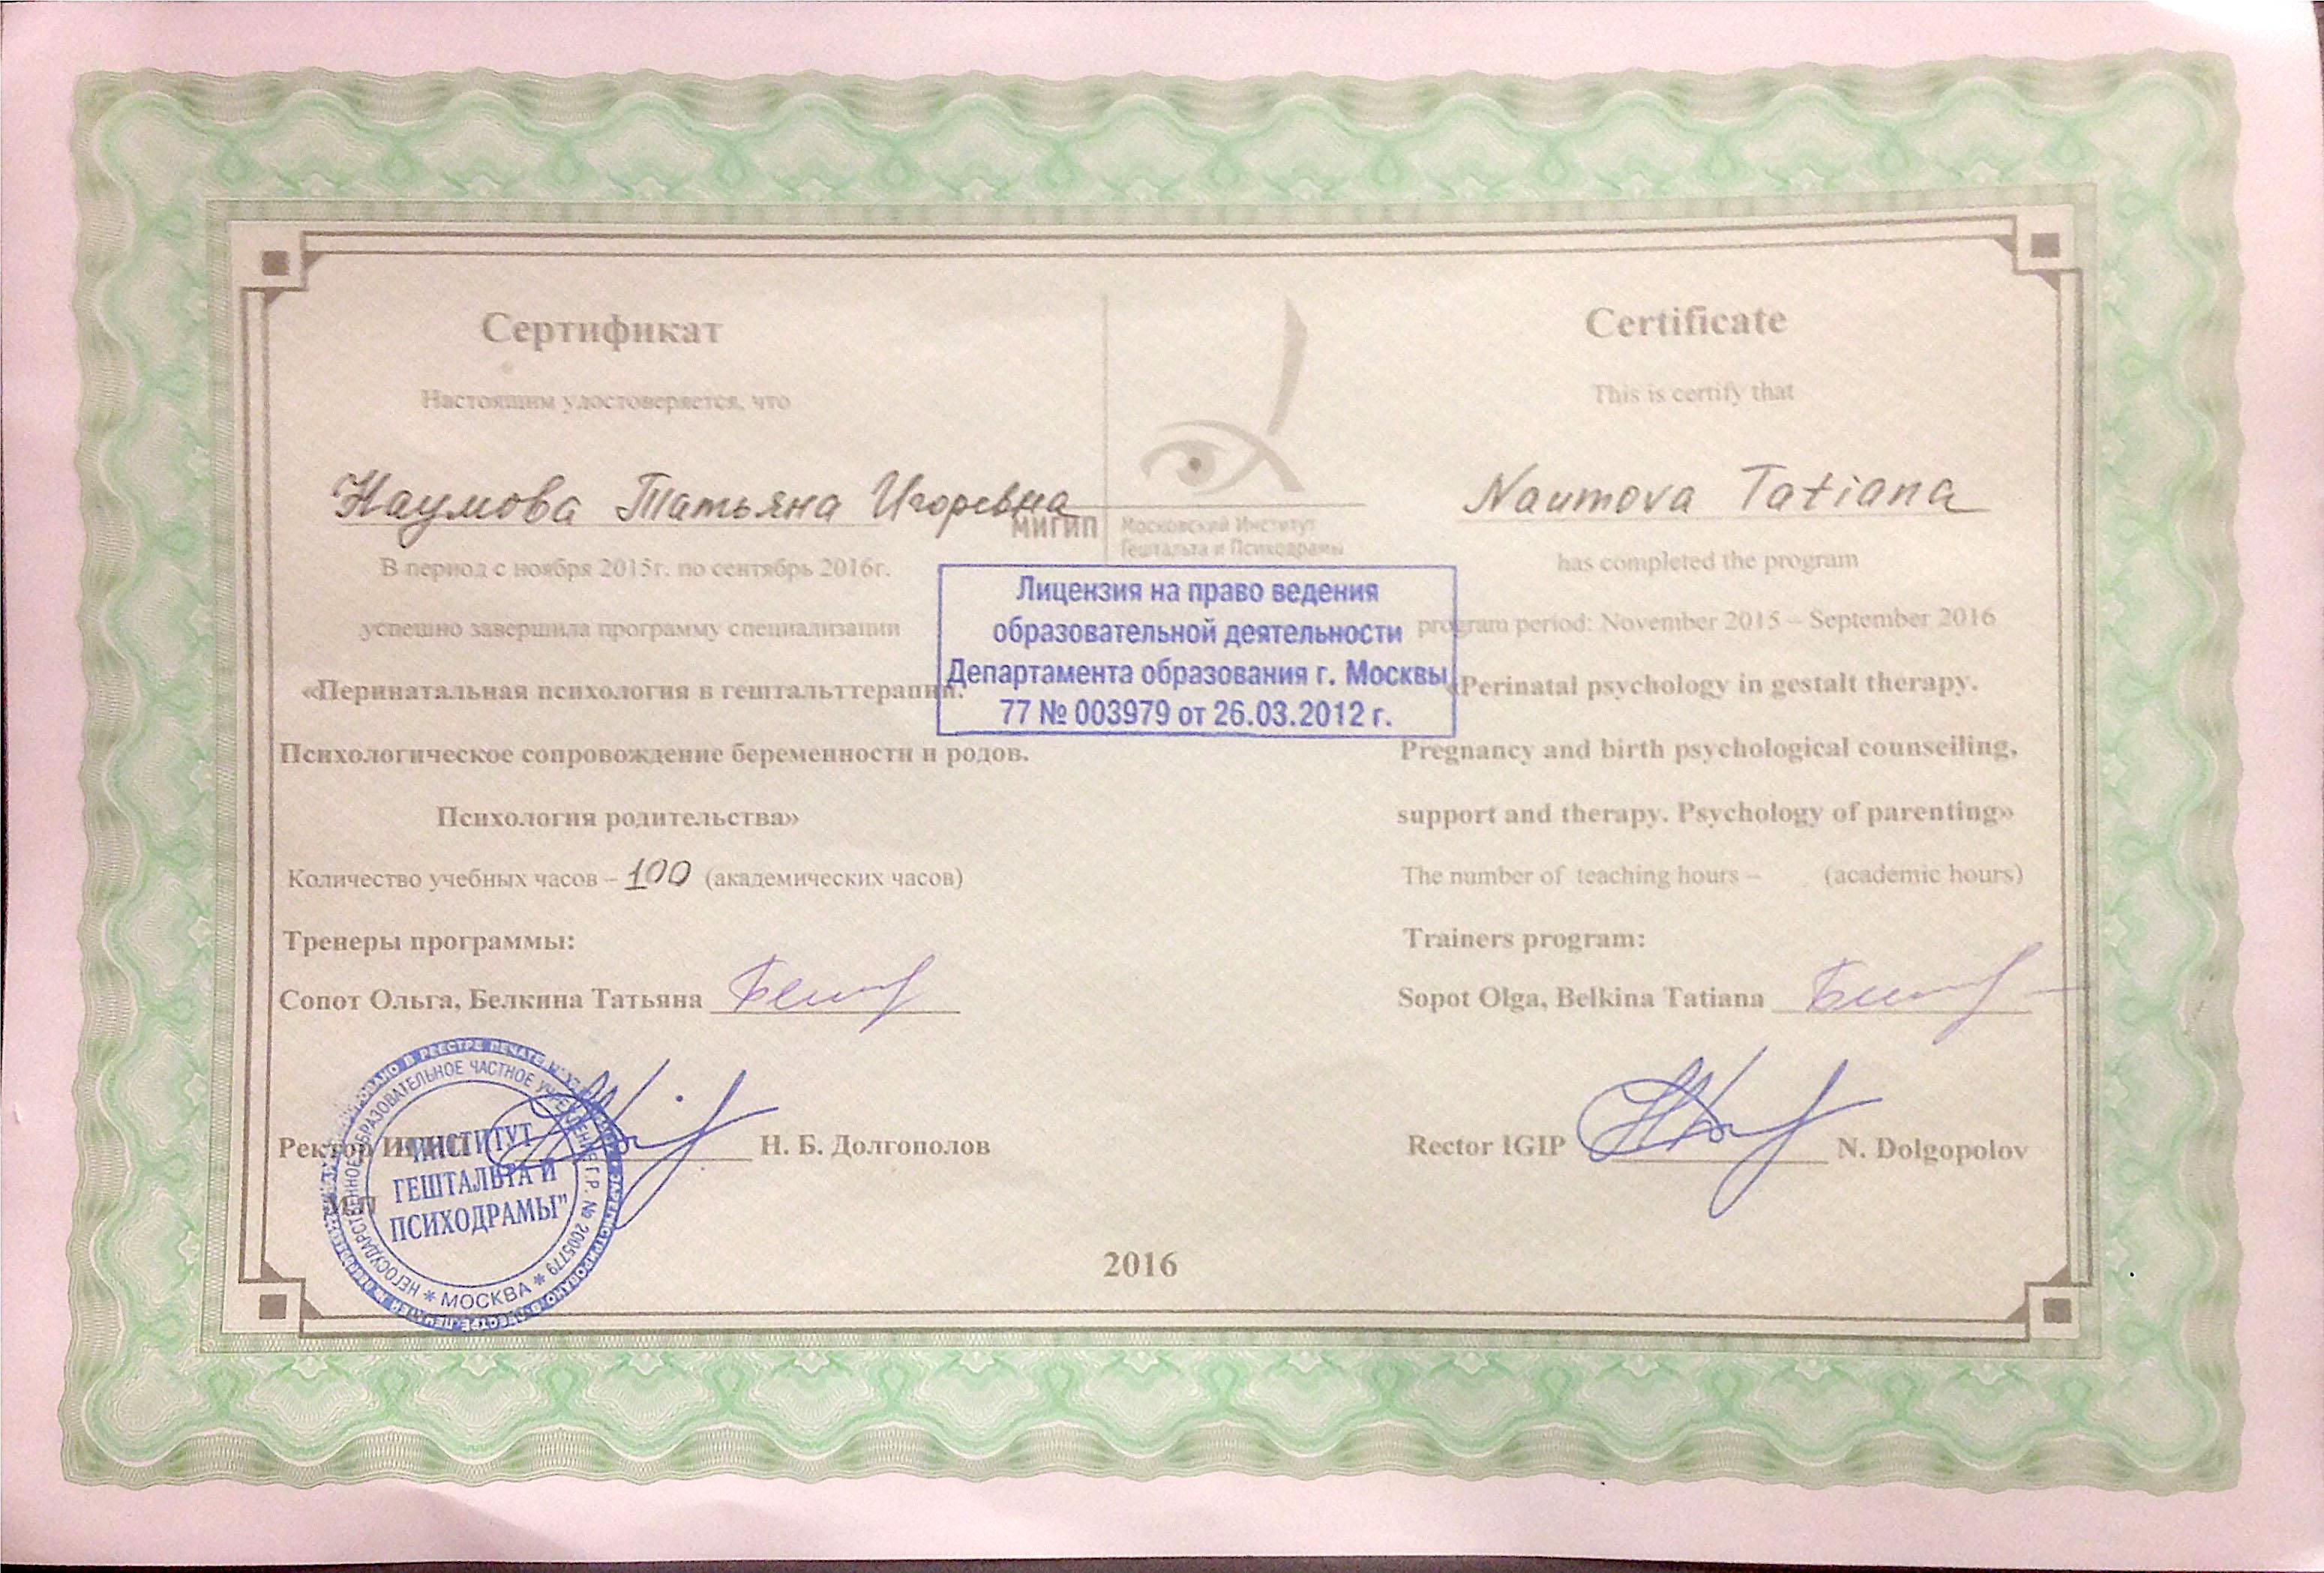 Сертификат об образовании